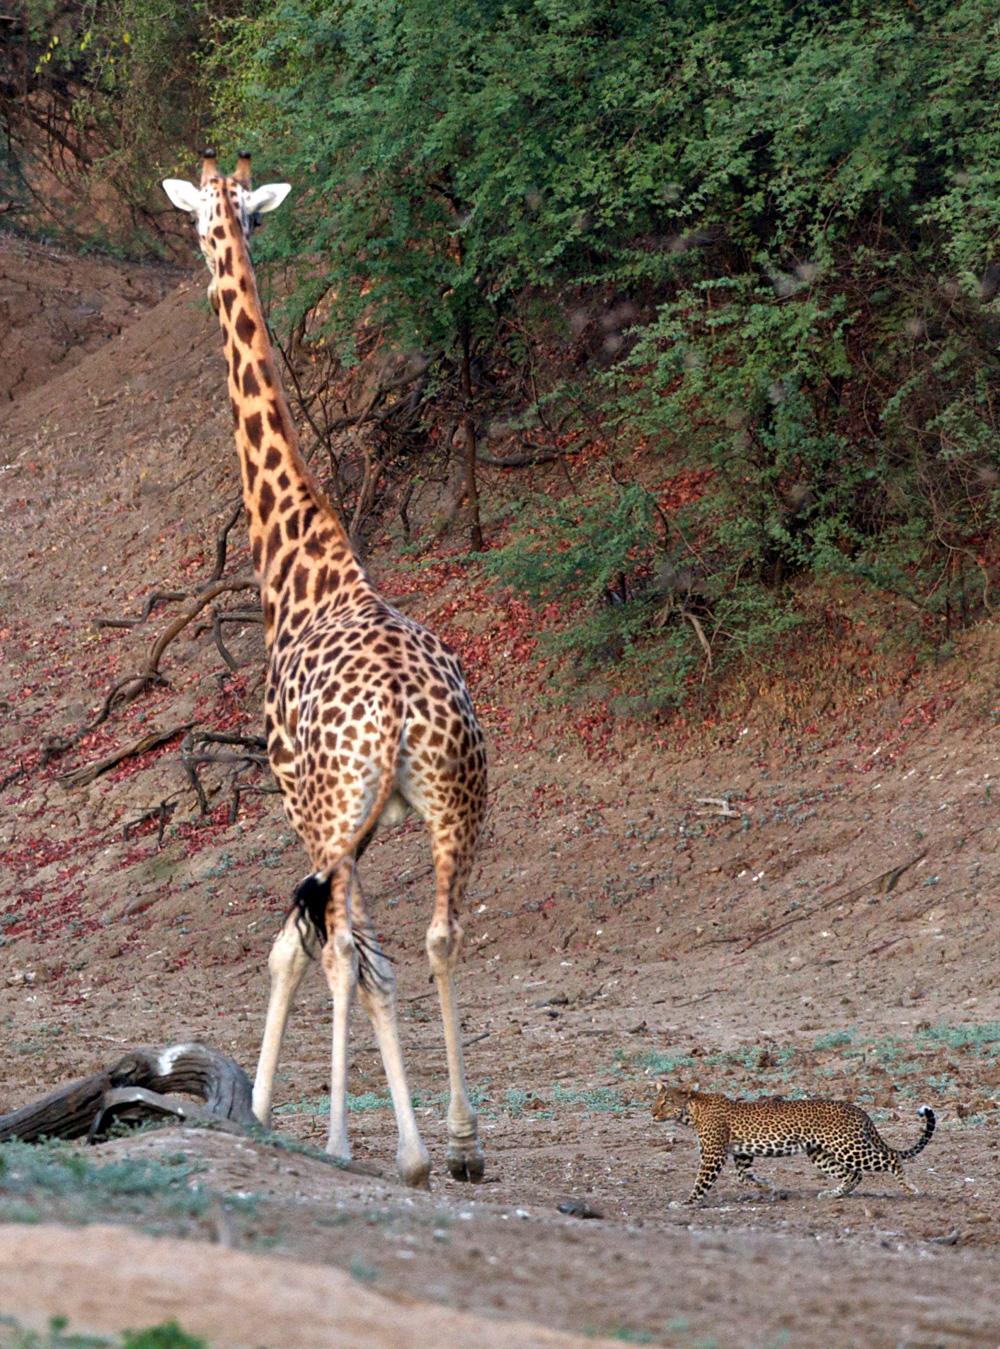 Michael-Lorentz---Zakouma-leopard-giraffe